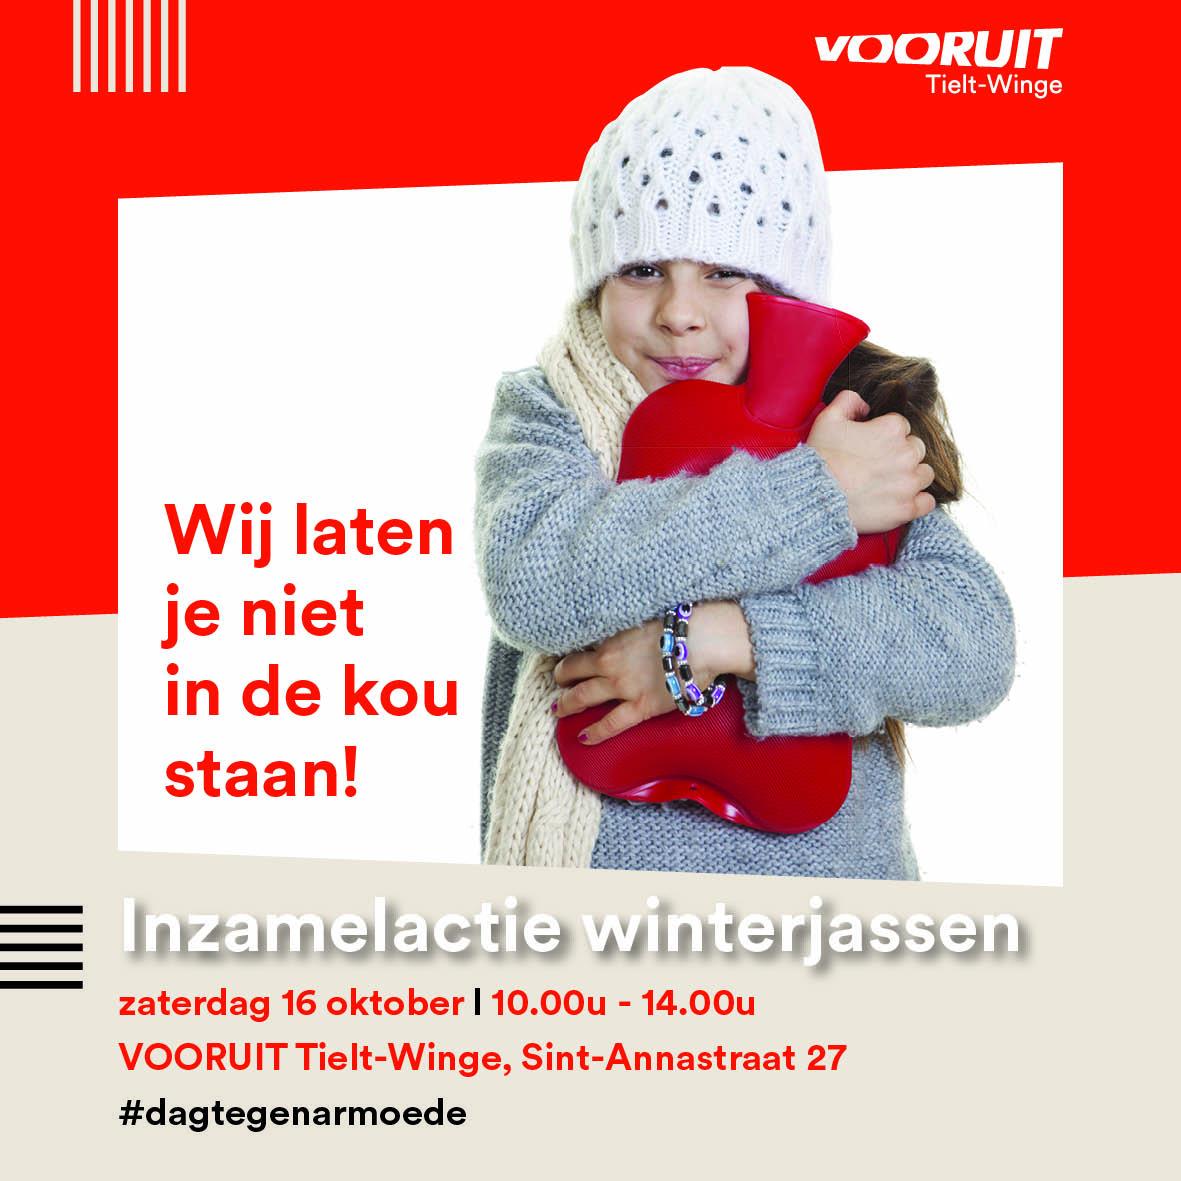 actie_inzamelen_winterjassen_T-W_INSTA_(1).jpg